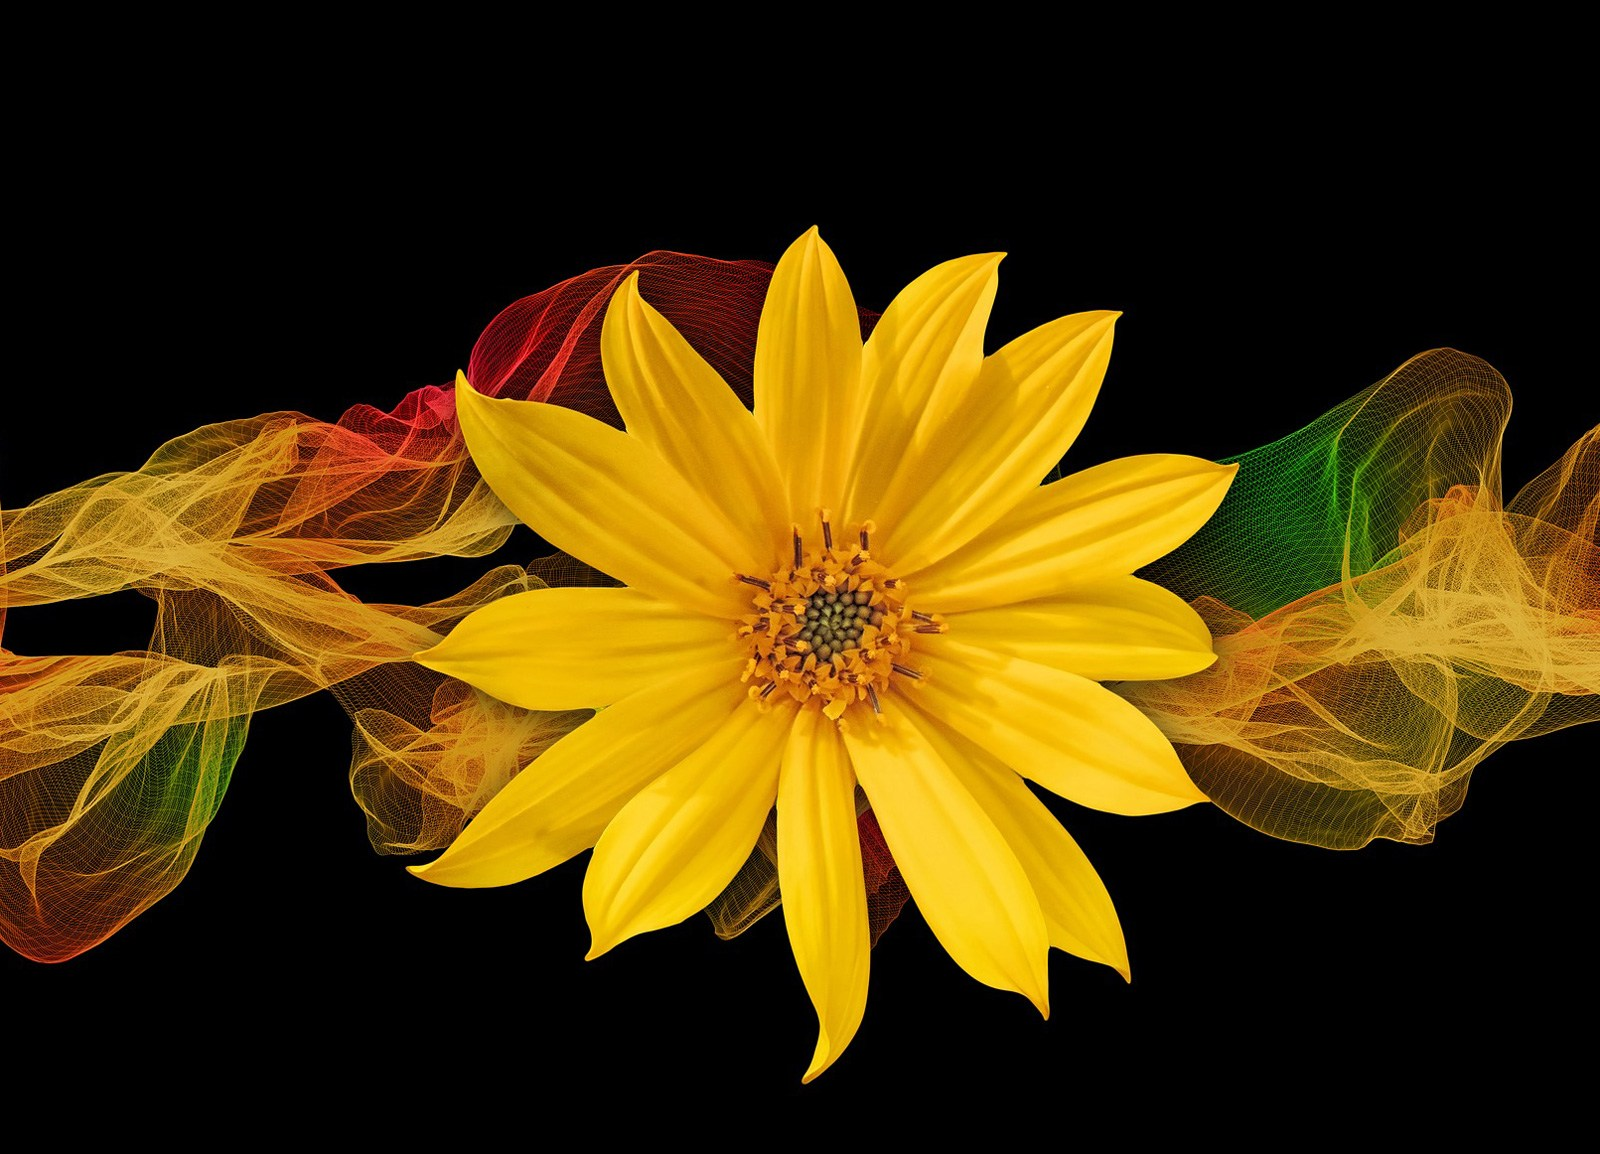 Wallpaper Fiori Gialli.Flower Meanings In Dreams Fiori Gialli Su Sfondo Nero 2056308